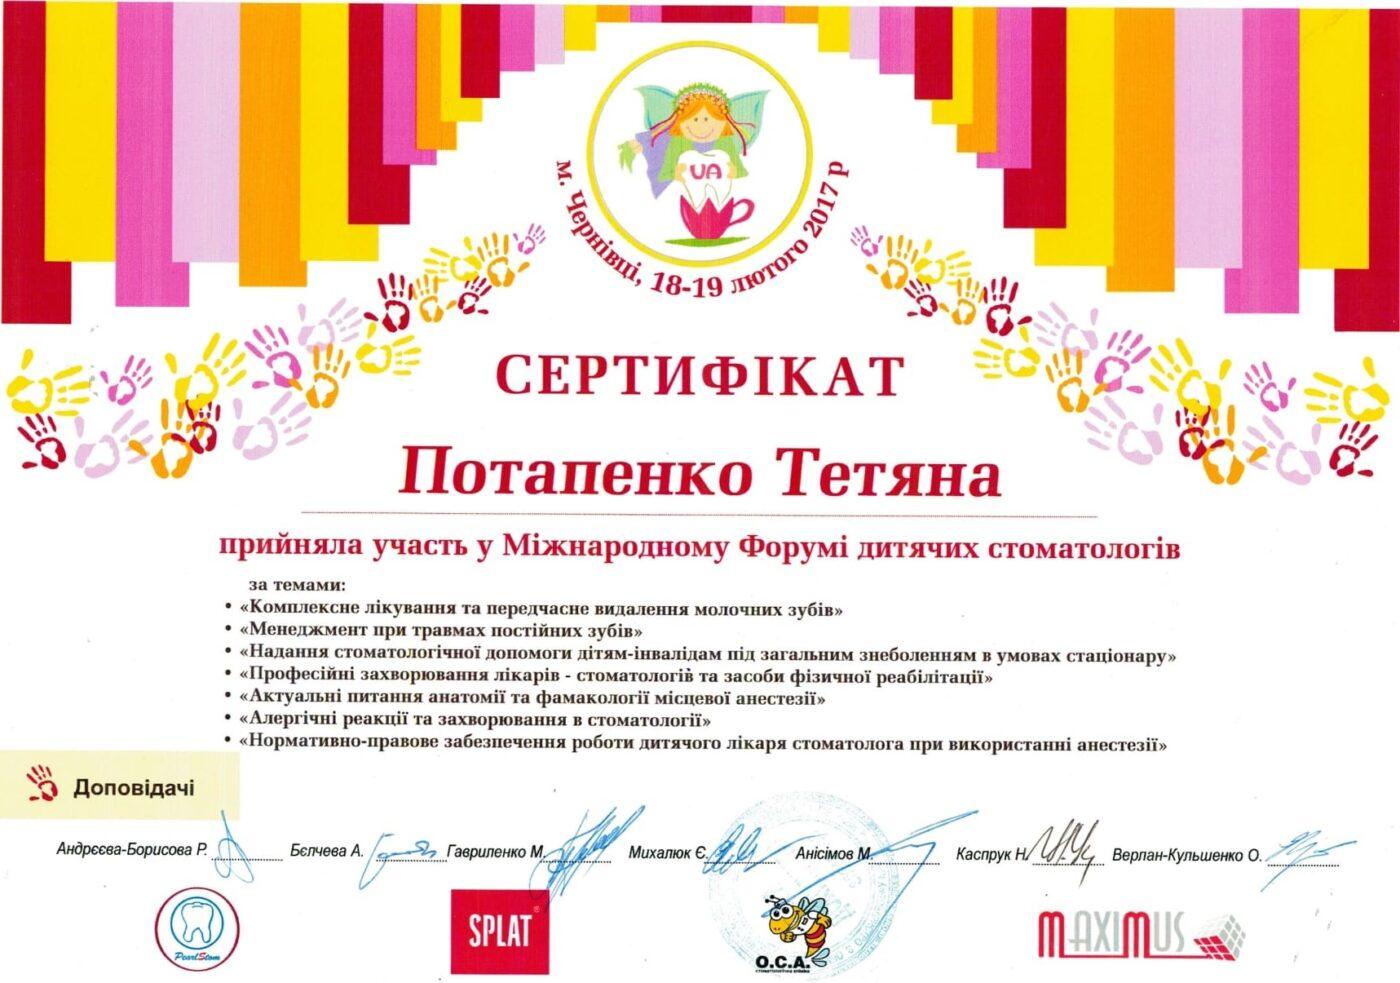 Сертификат подтверждающий участие Татьяны Потапенко в международном форуме детских стоматологов